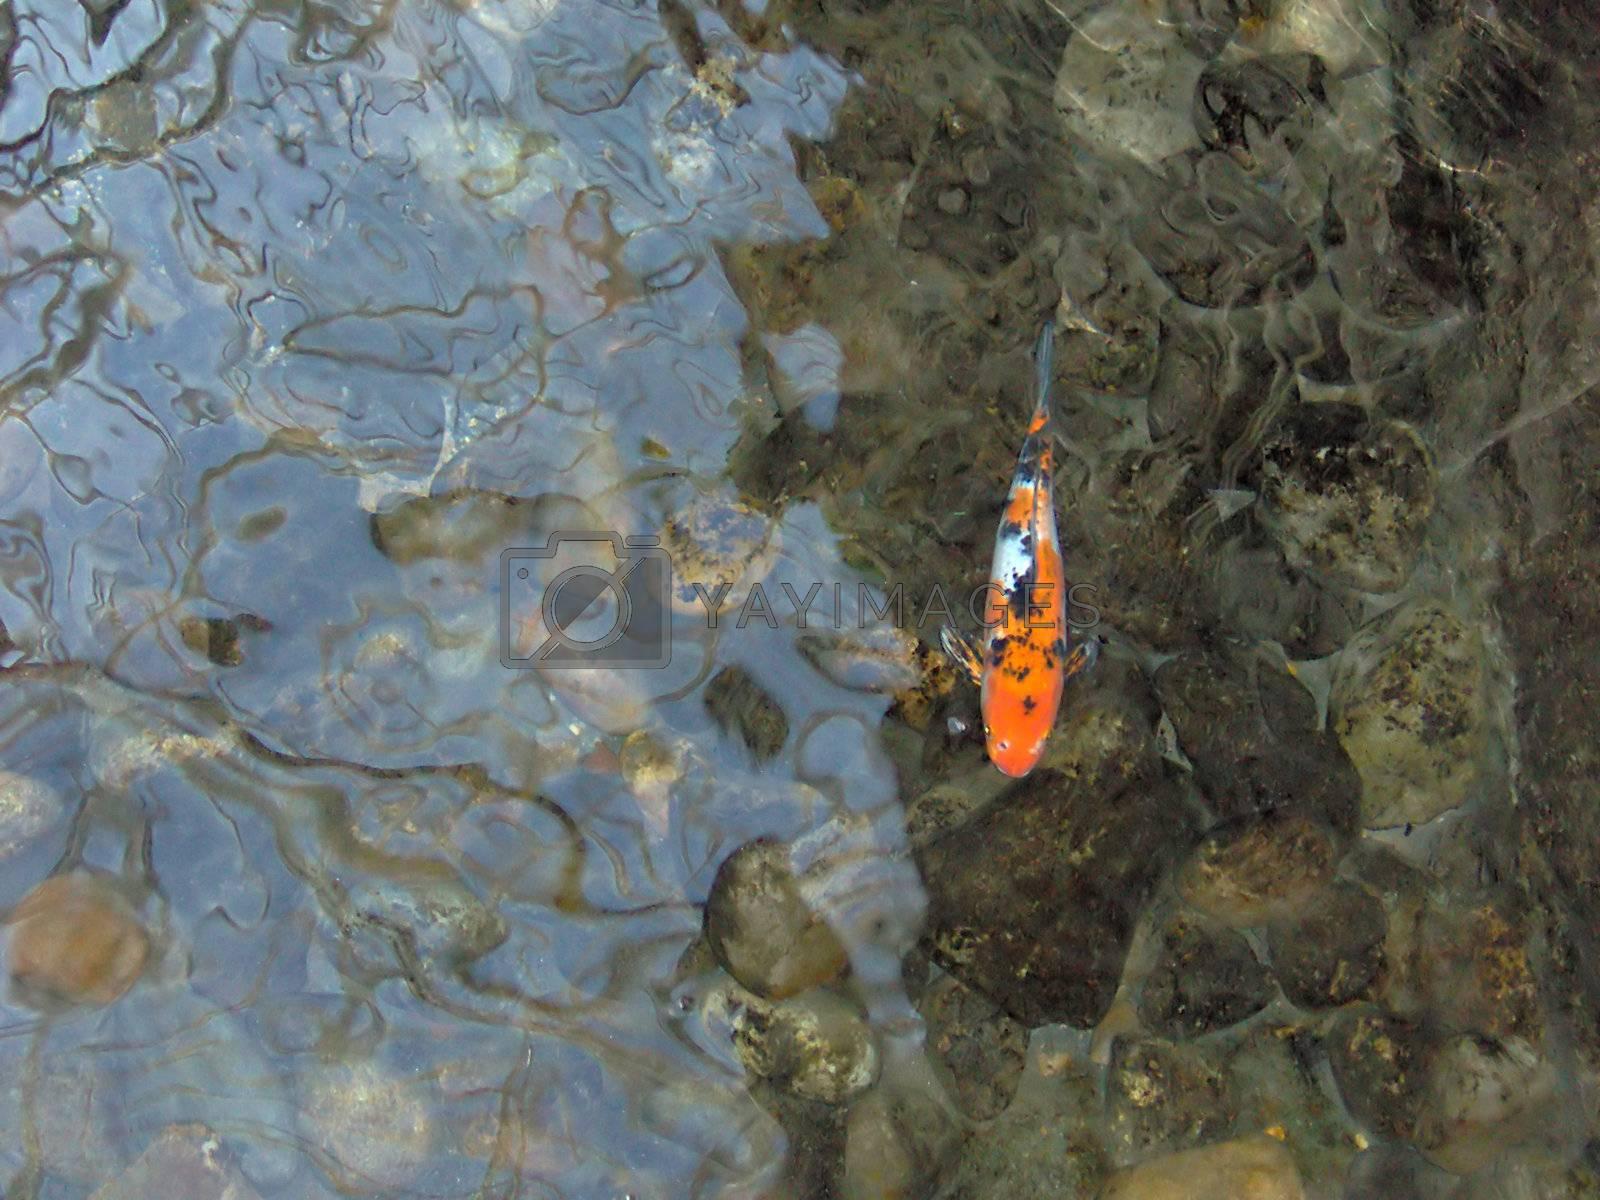 A lonely koi carp / goldfish.